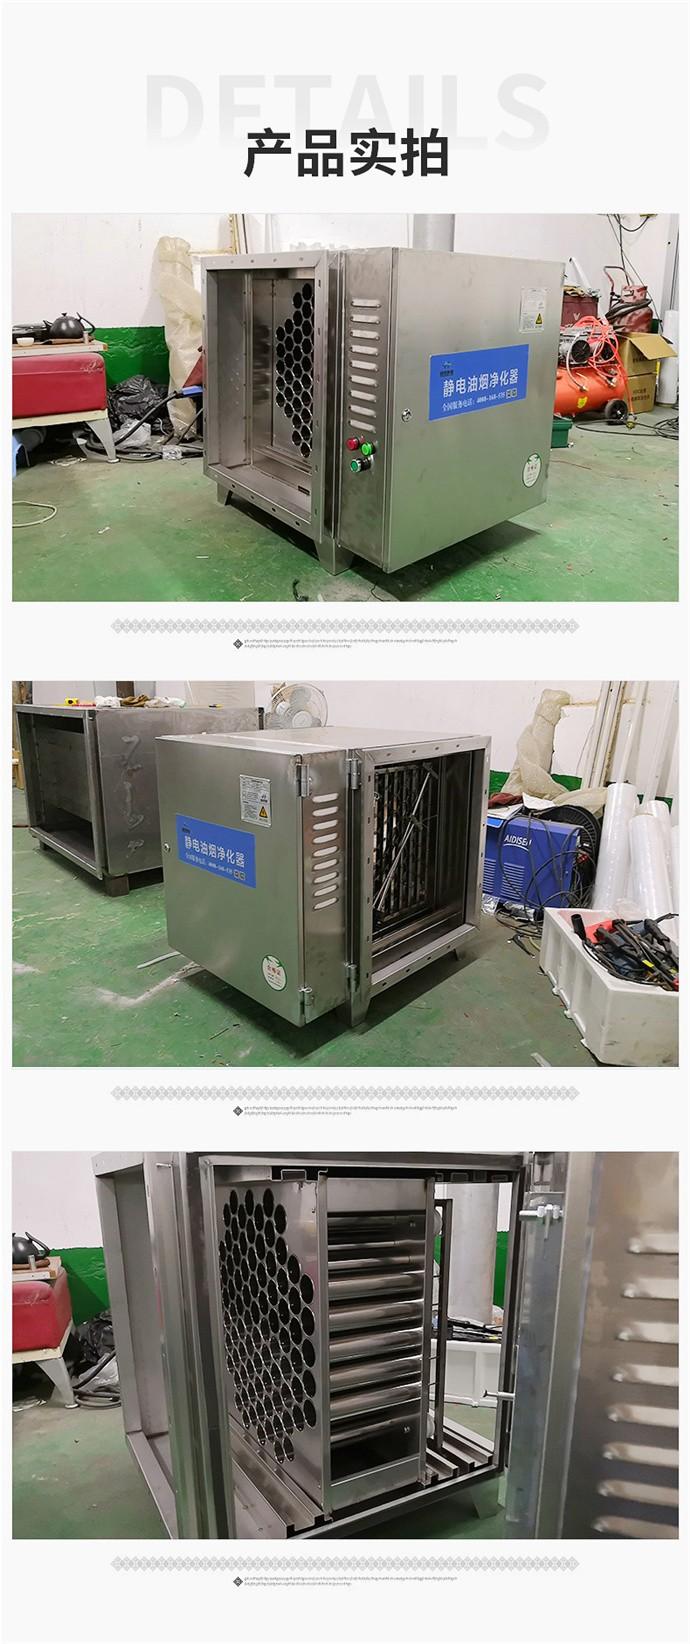 静电油烟净化器—低空蜂窝-10.jpg